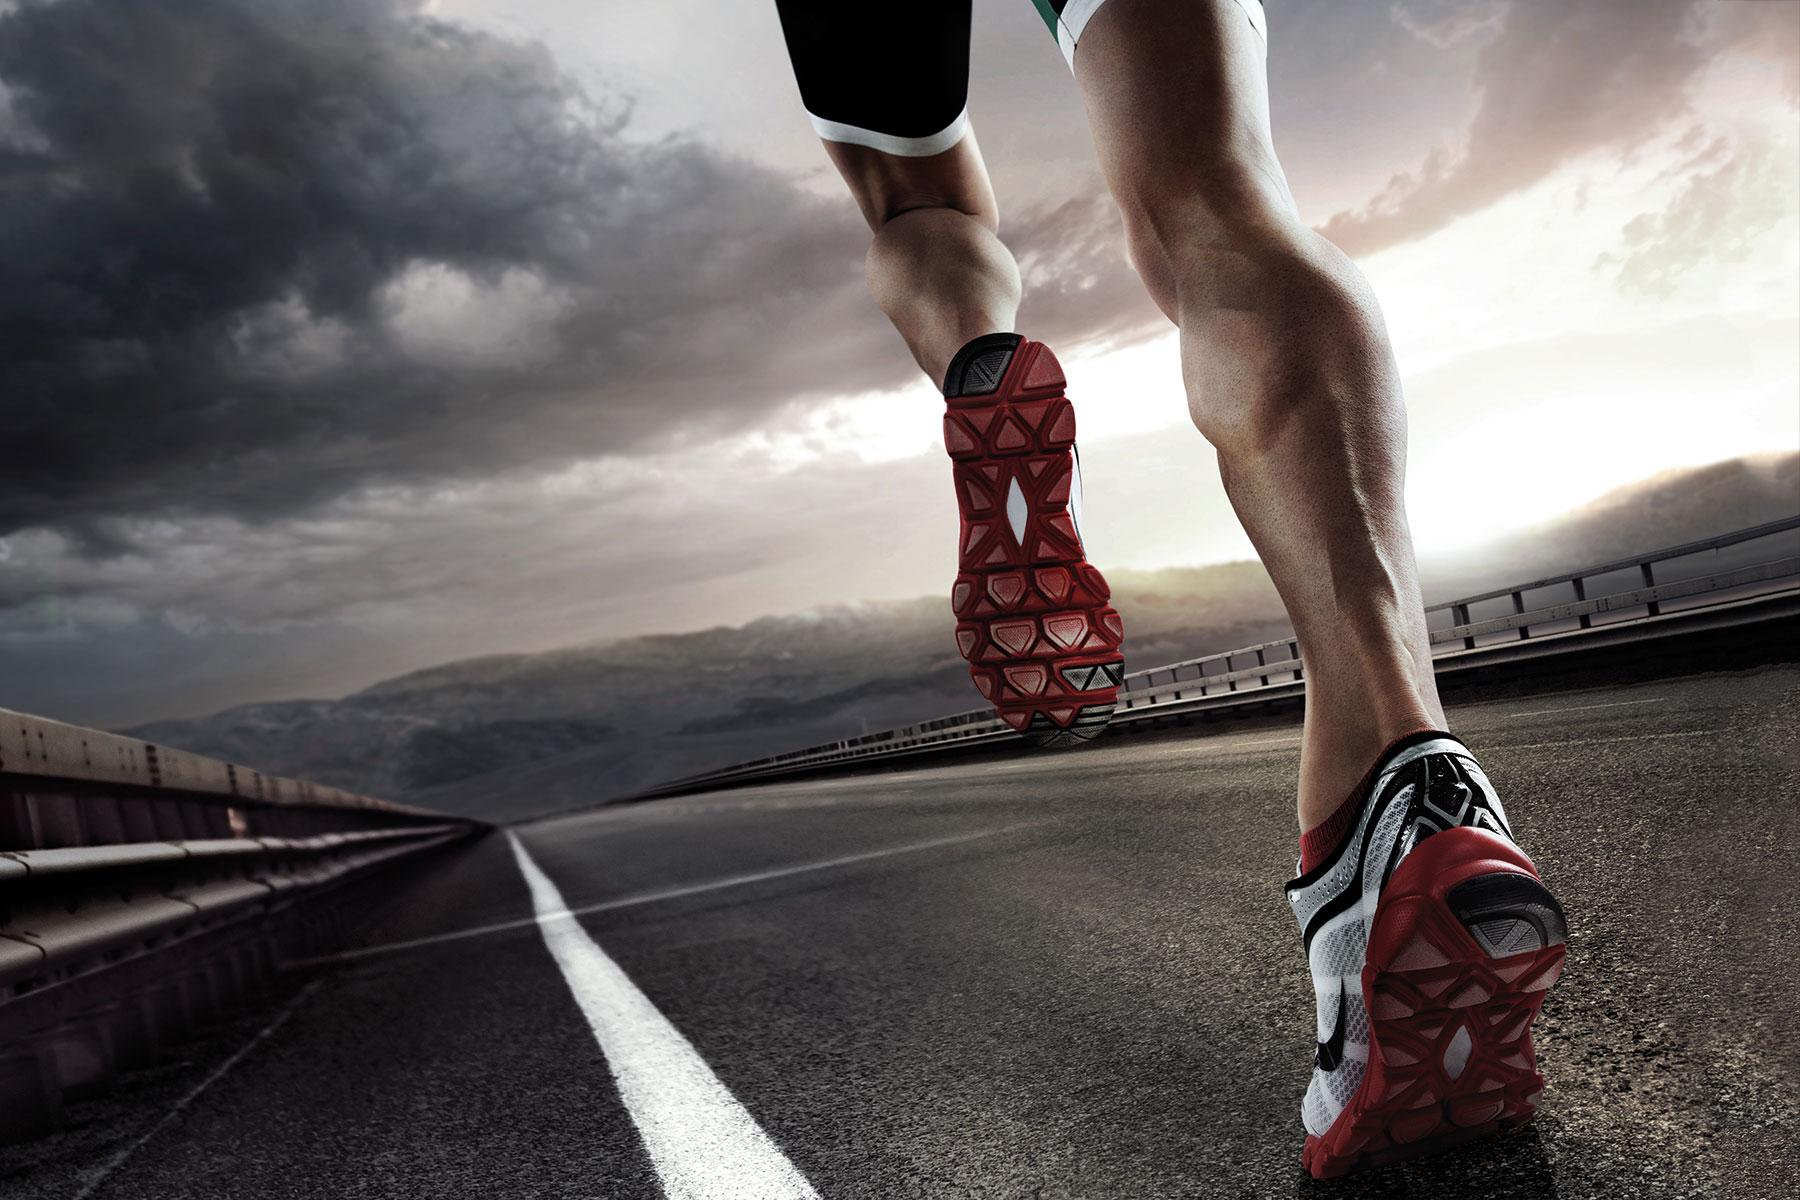 110214c3b98c Les chaussures de course à pied se classent selon 4 grandes catégories    amorti neutre